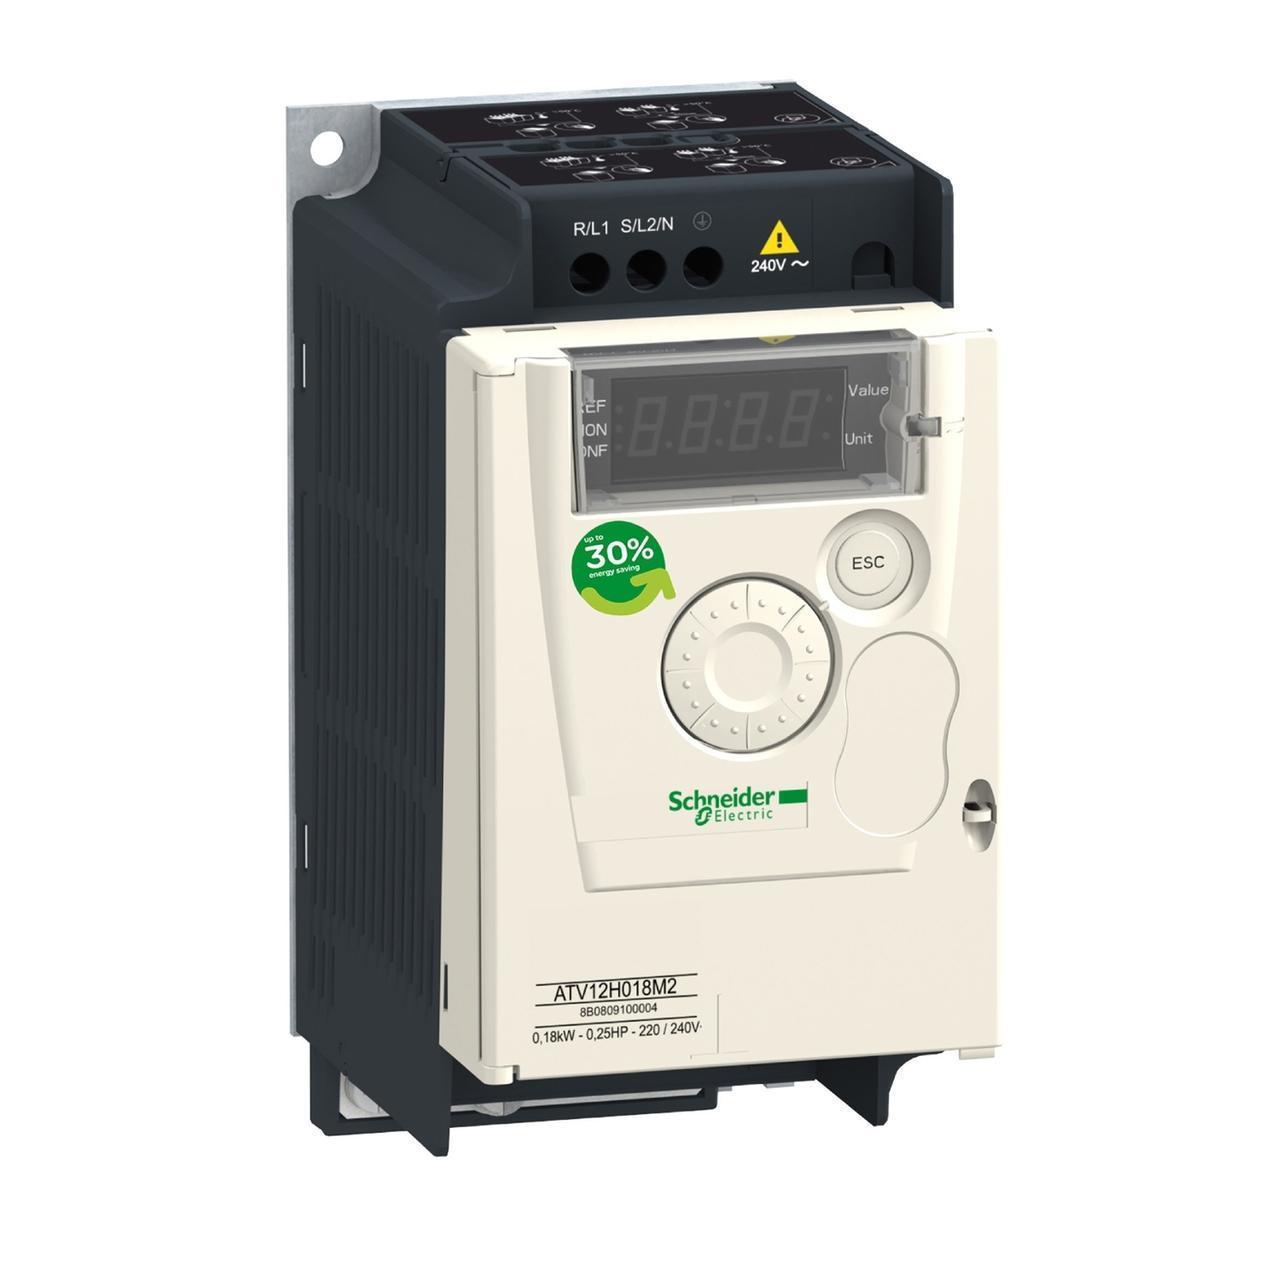 Преобразователь частоты ATV12H037M2 0,37 кВт  200-240В  50/60Гц, 1ф, 2.4А